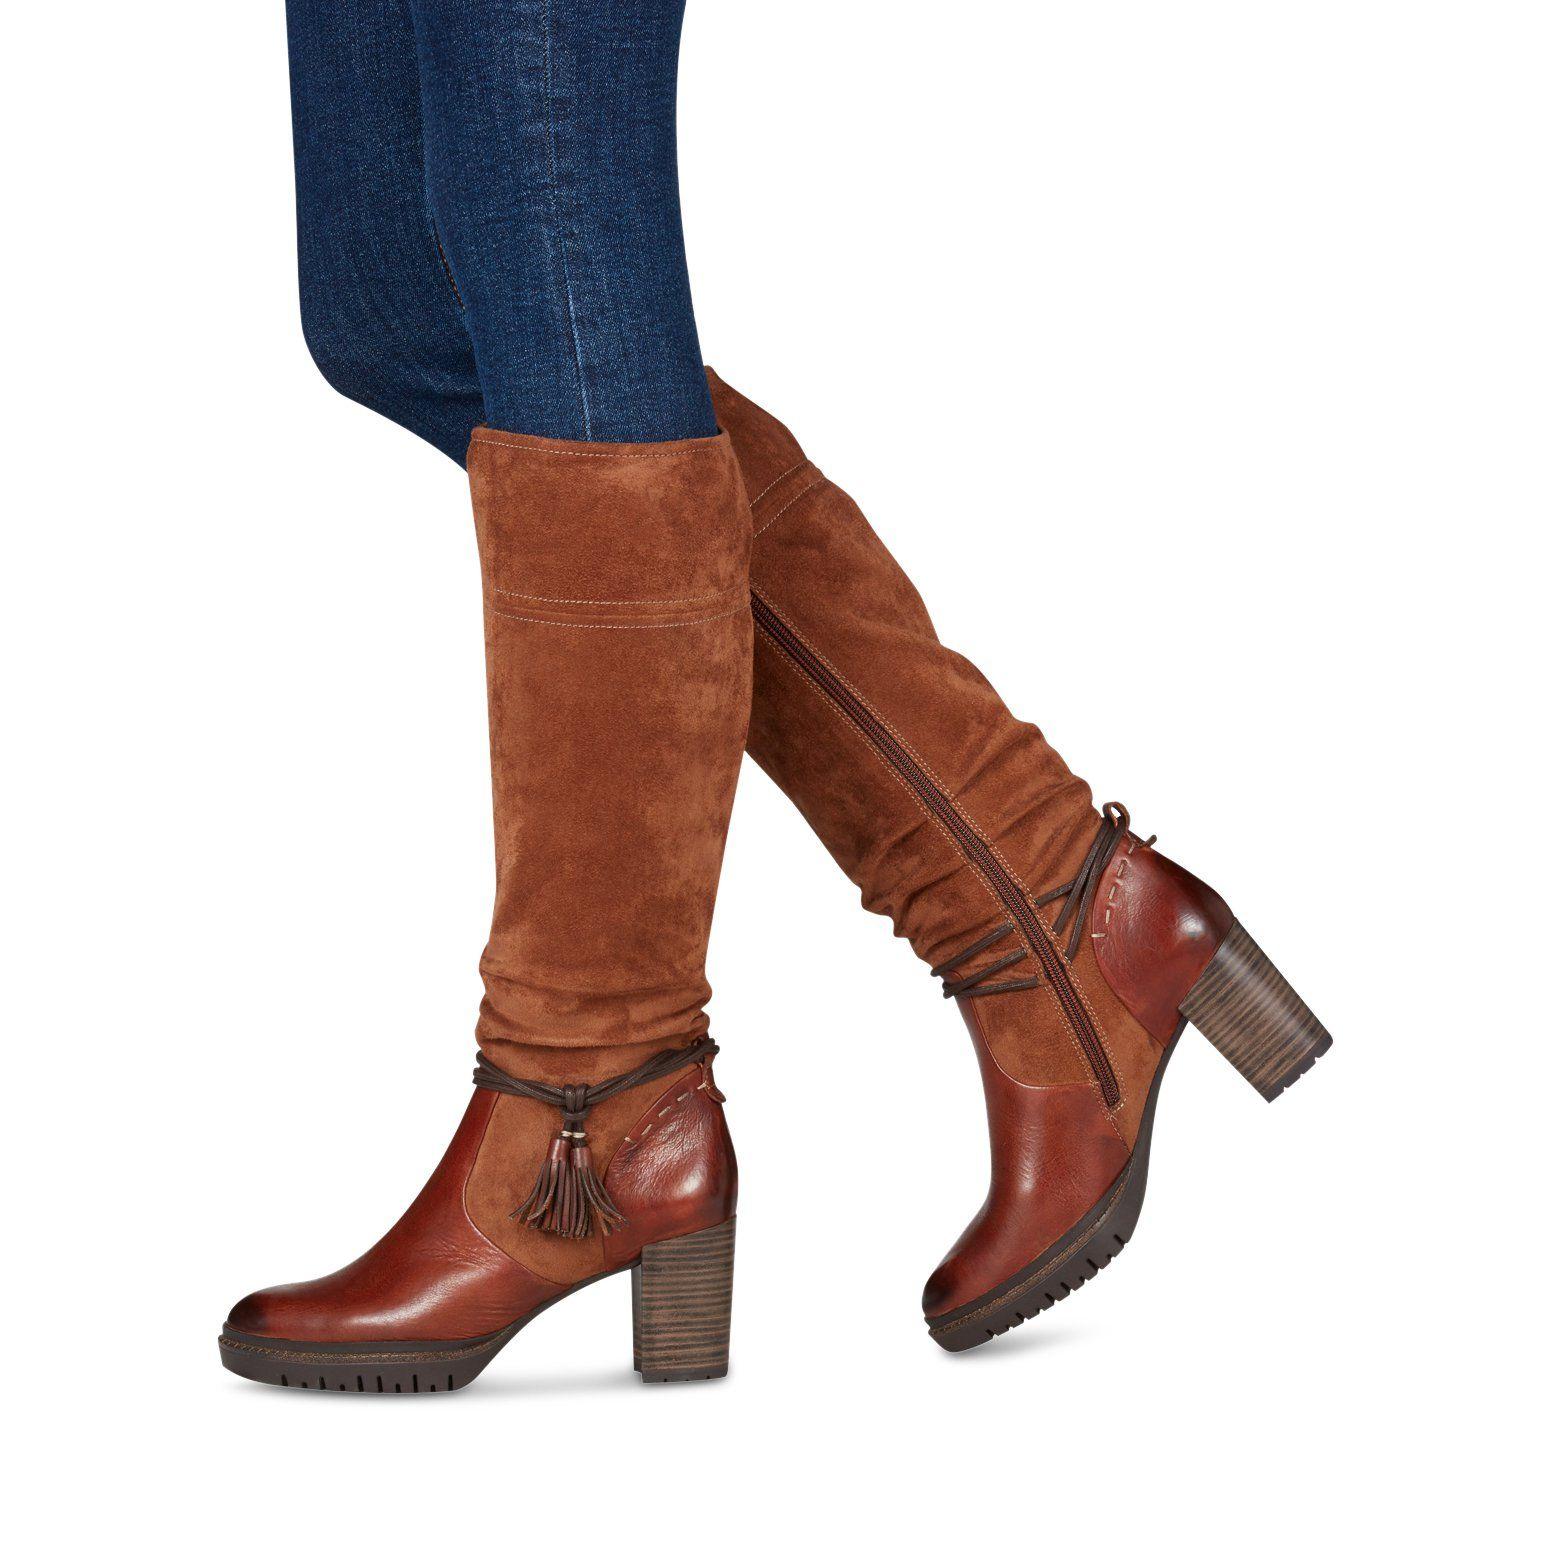 Peu coûteux Femme TAMARIS Chaussures Bottes Noir Style